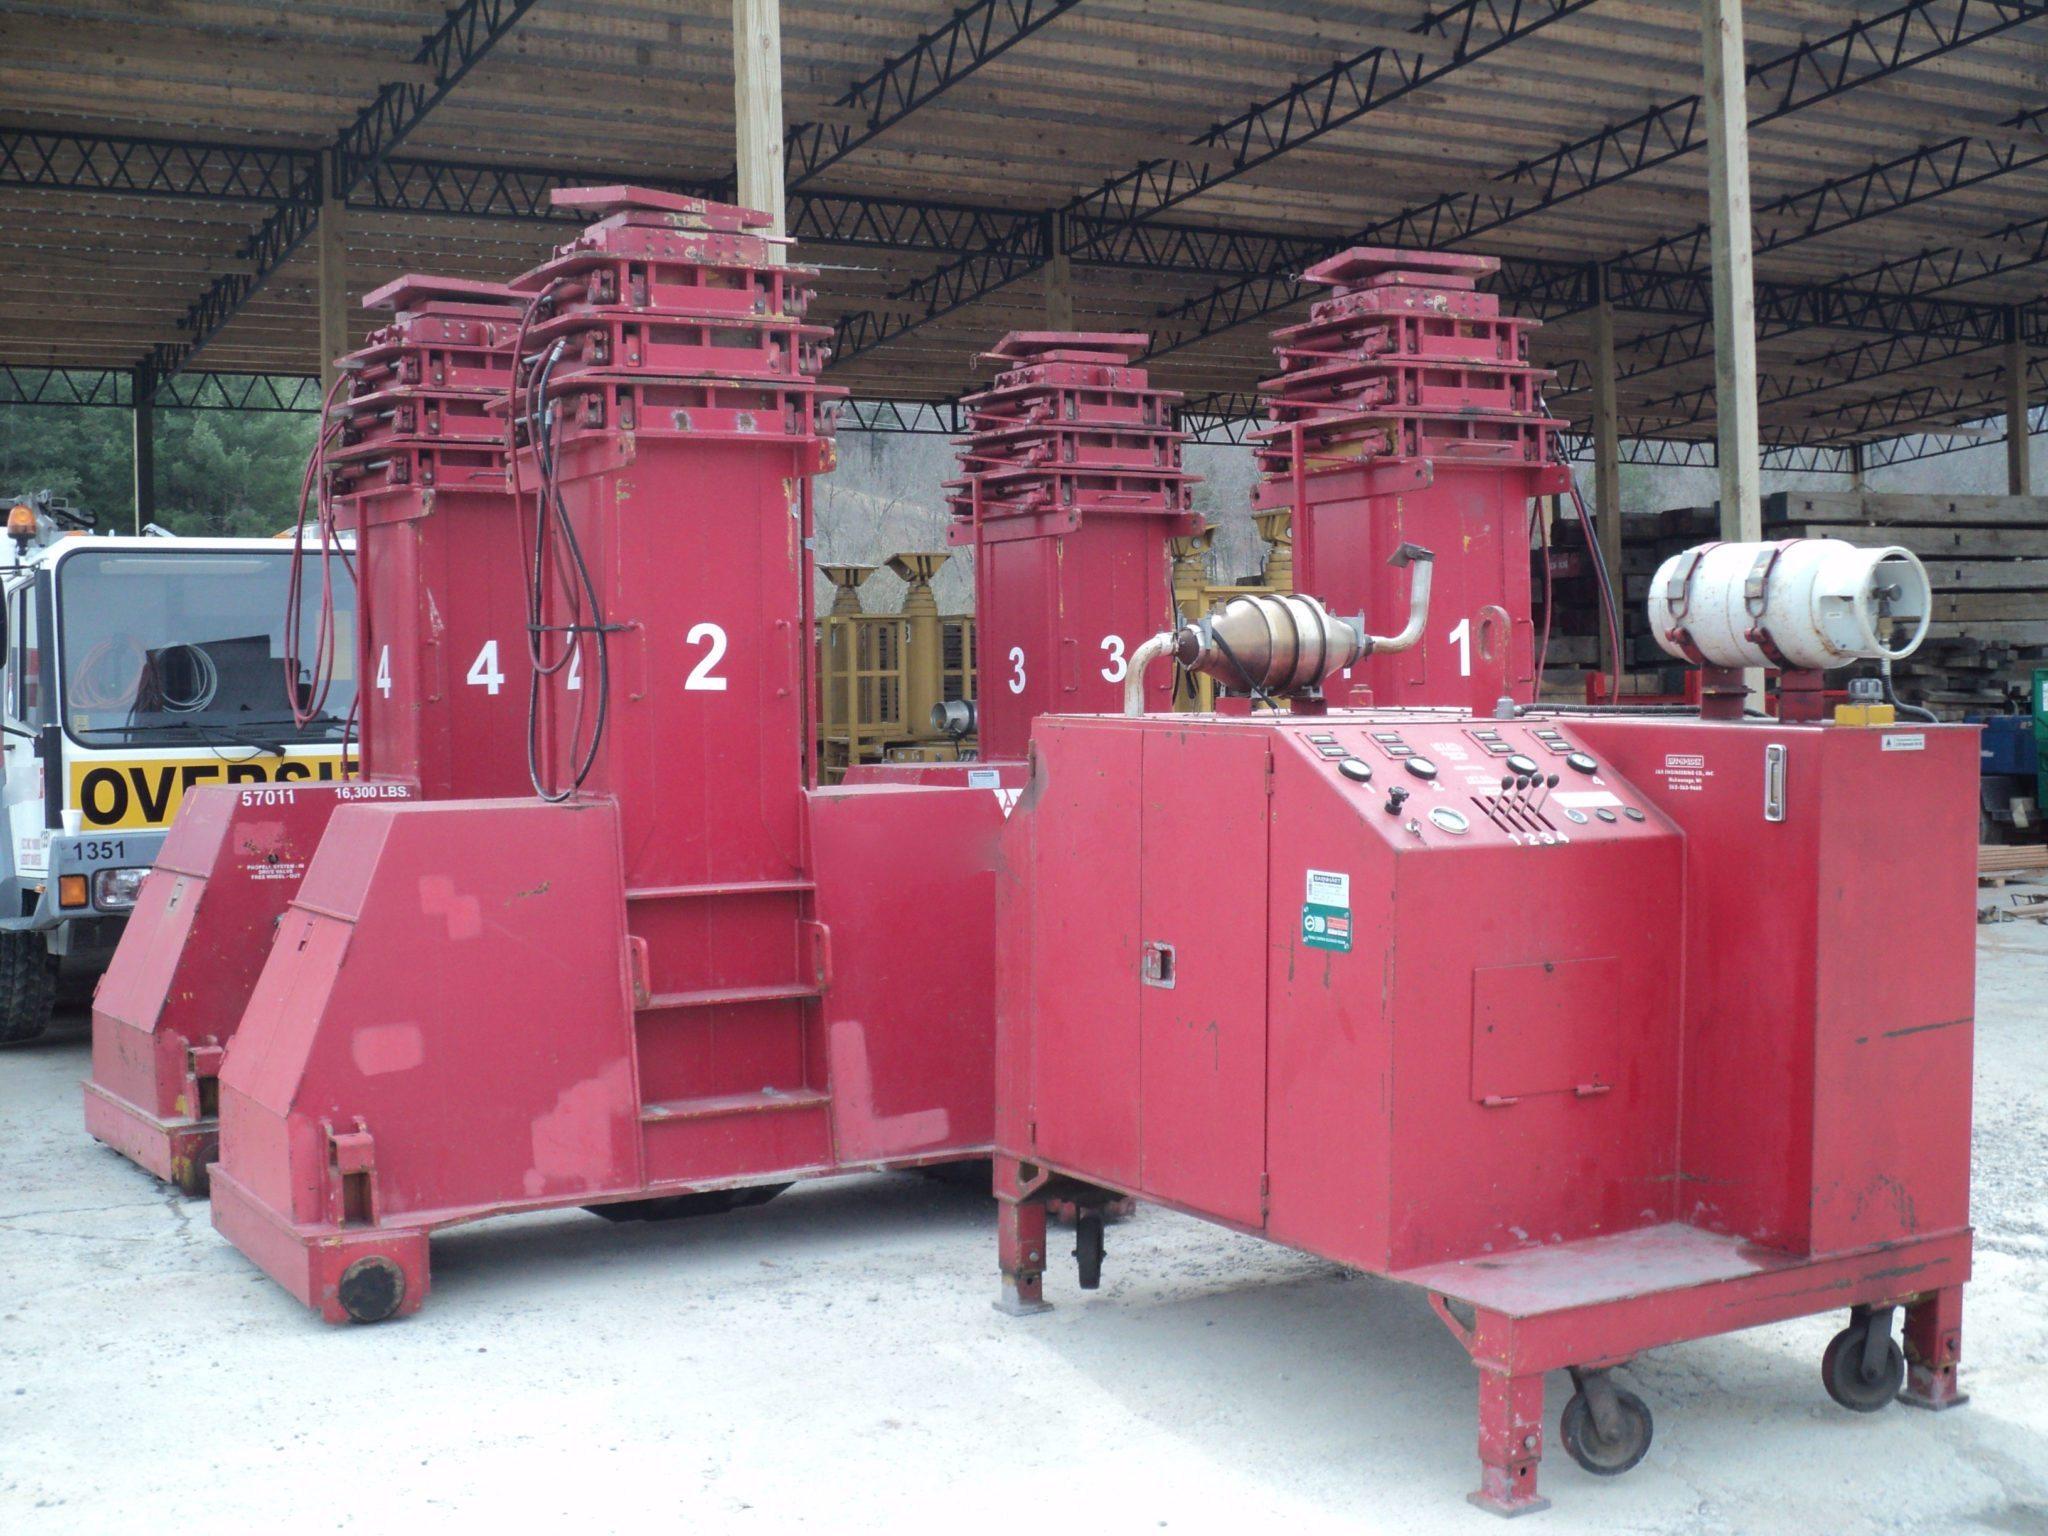 600 Ton Capacity J & R Lift-N-Lock Hydraulic Gantry System For Sale